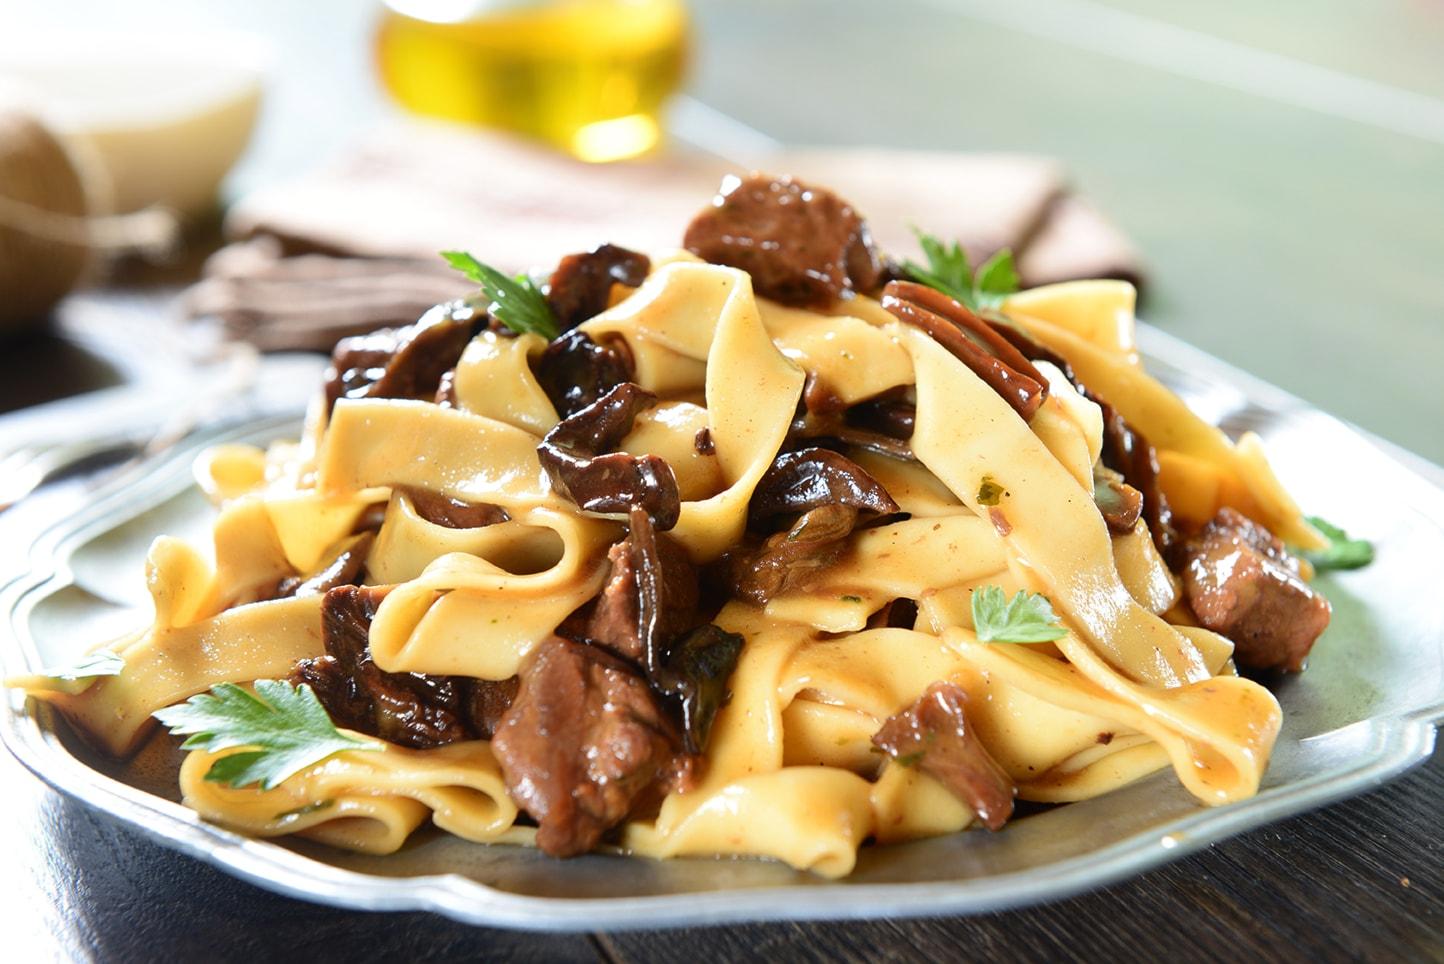 Menù a base di funghi per 2 persone alla cucina san domenico a soli 35,90€ anziché 70€ !